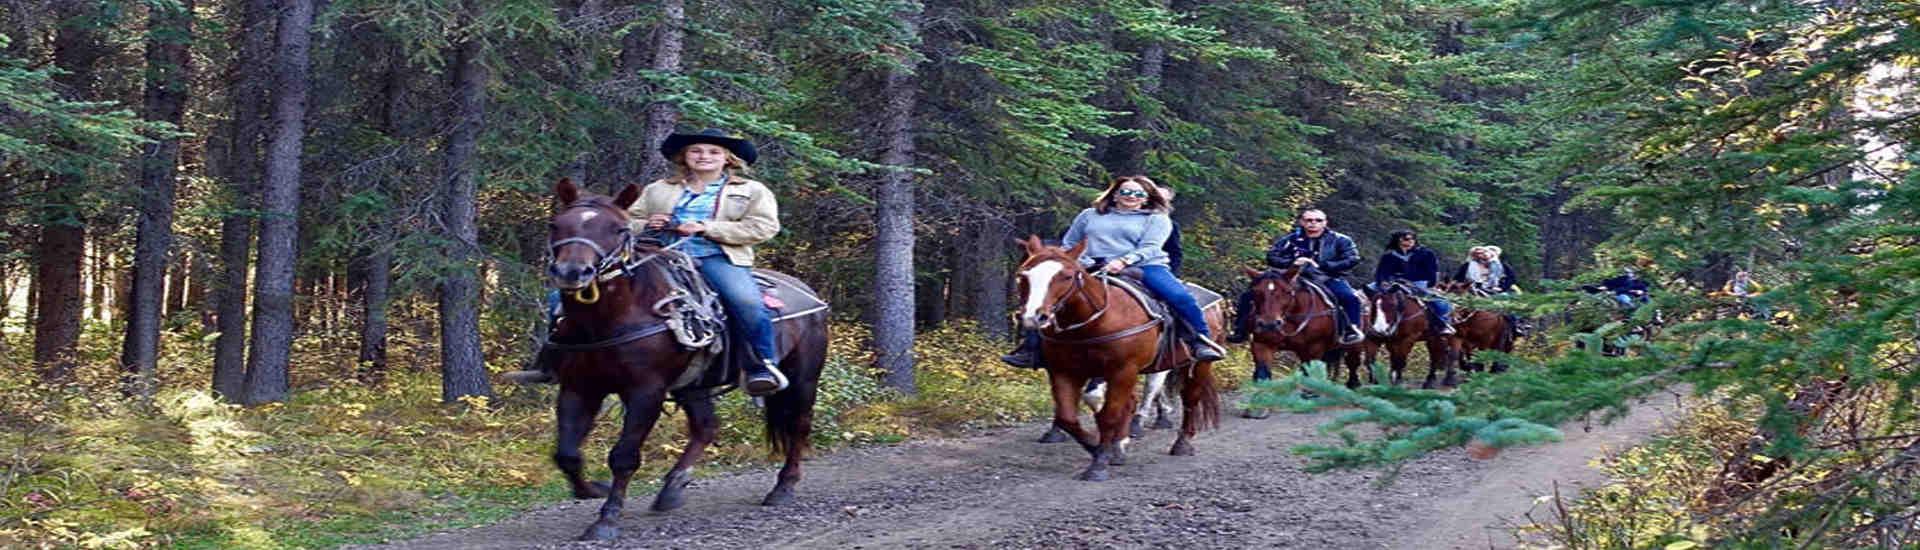 paseo a caballo cusco toursperumachupicchu agencia de viajes en peru